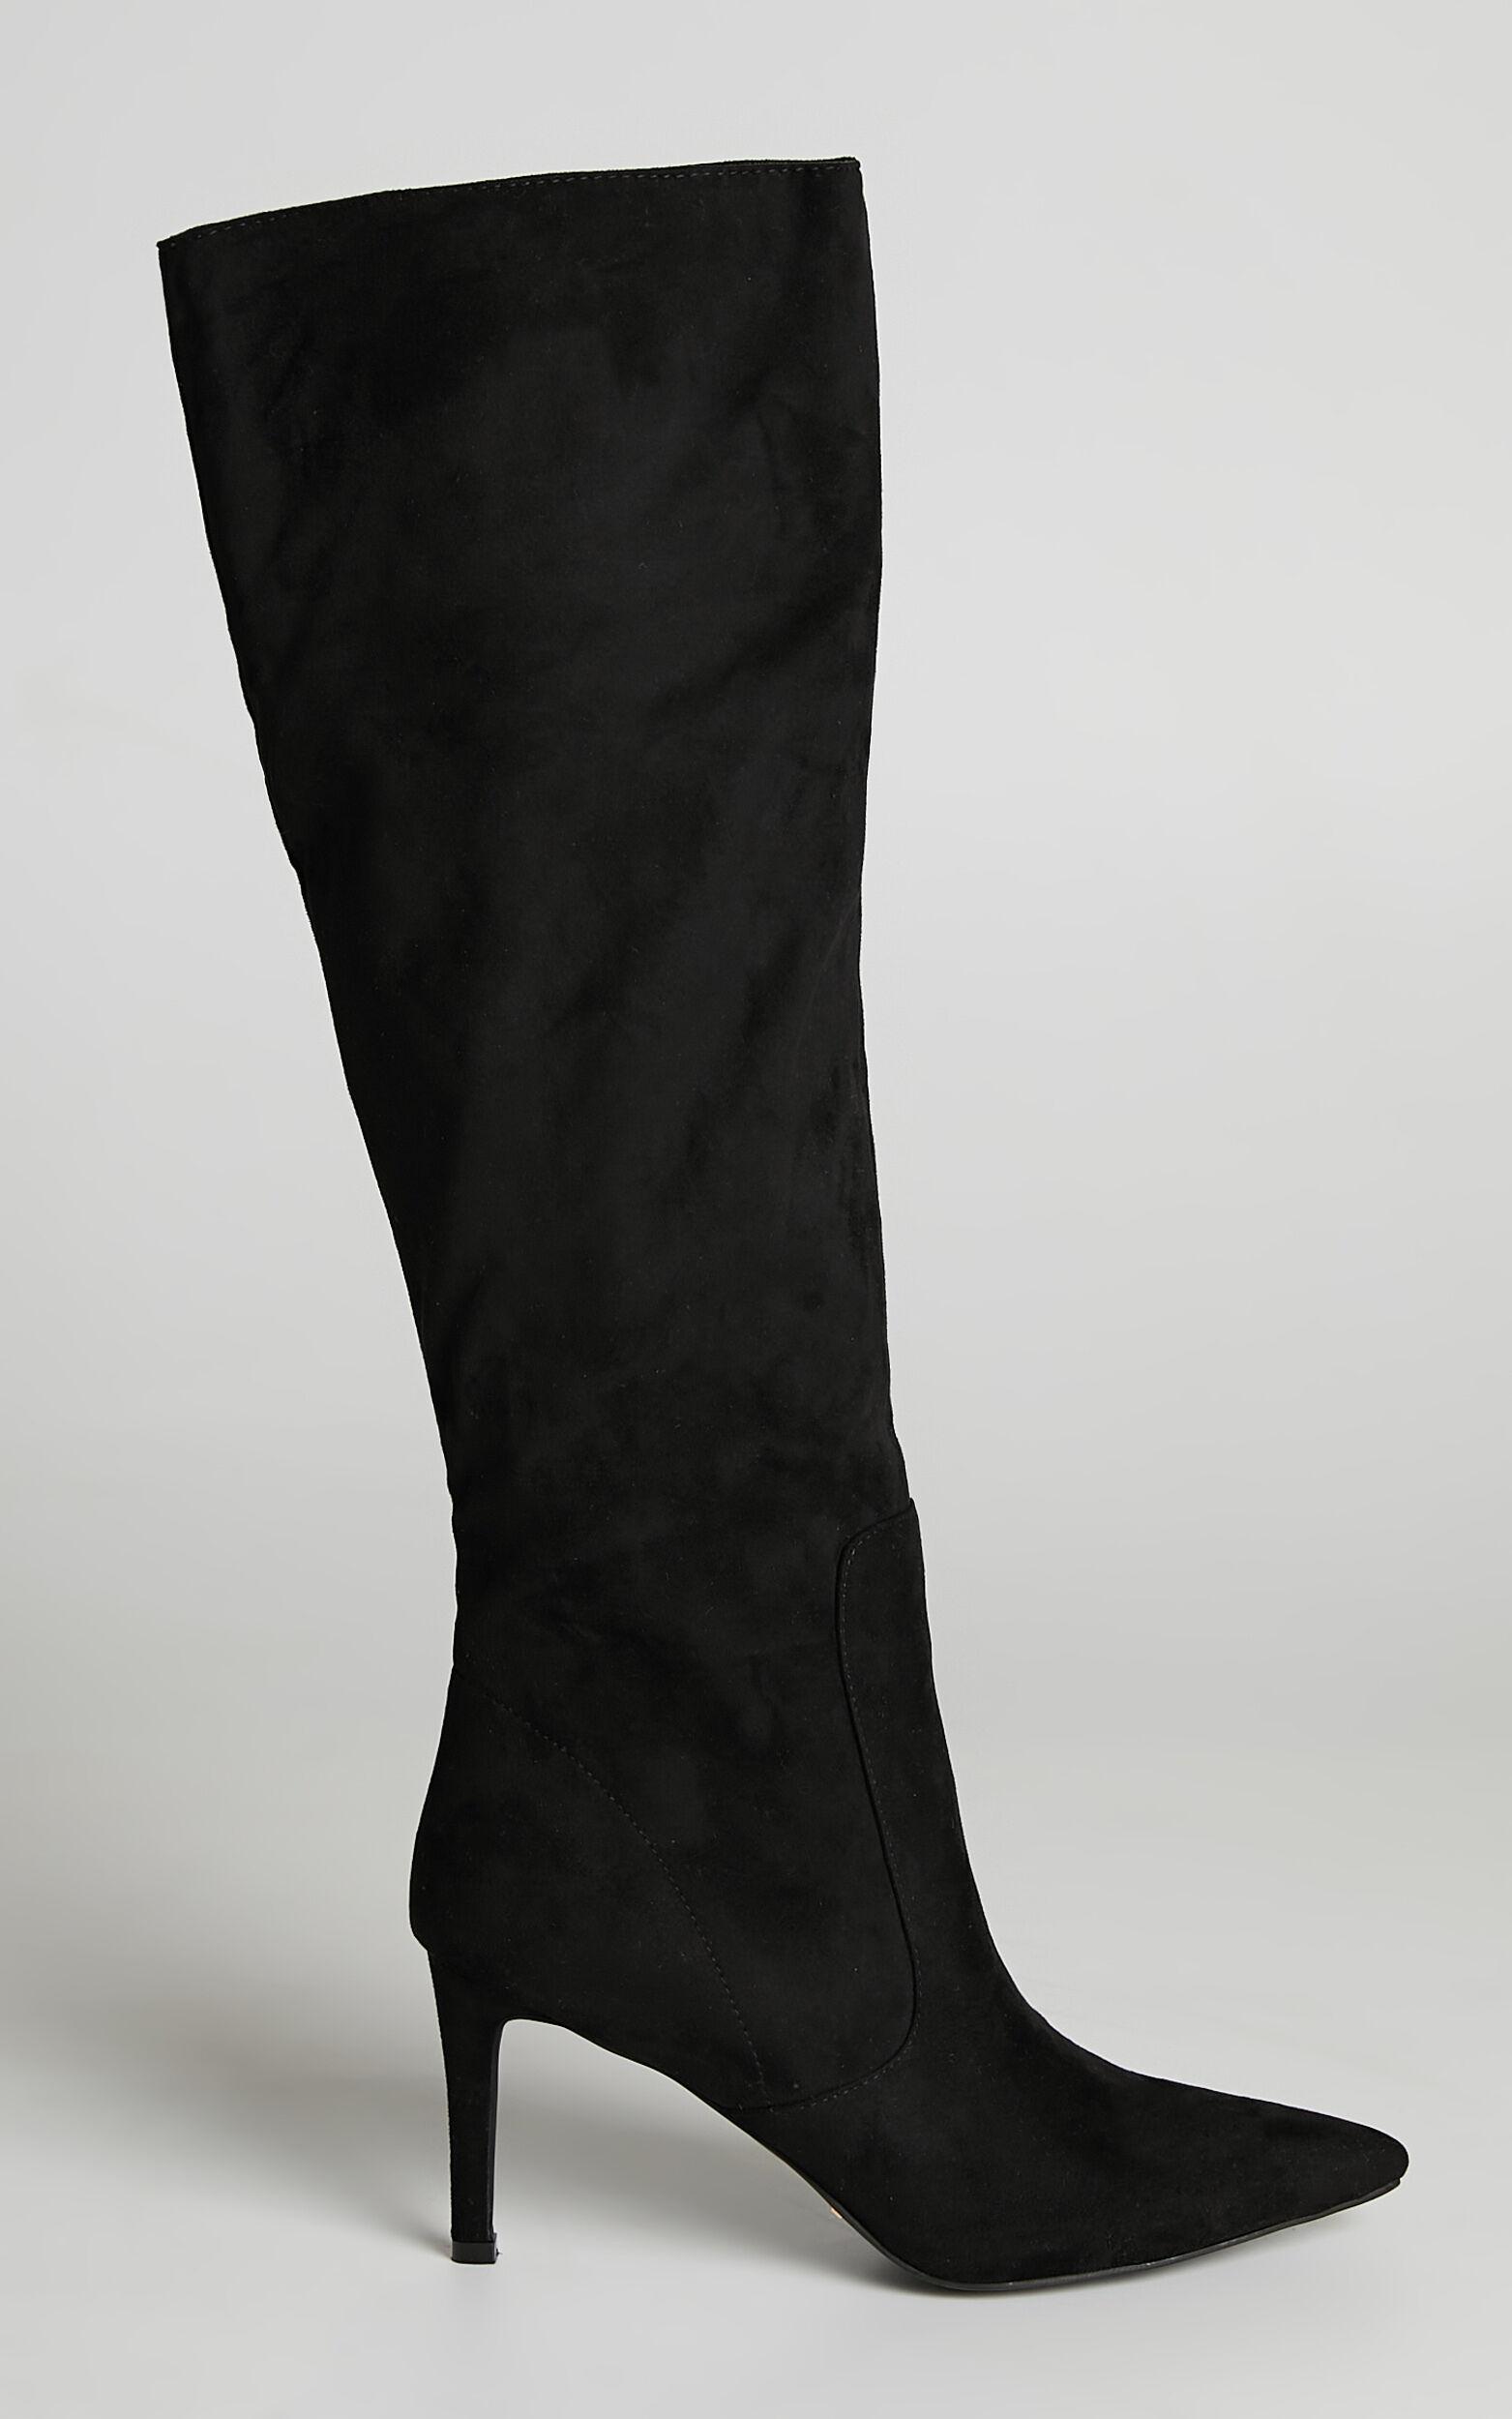 Billini - Britney Boots in Black Suede - 05, BLK2, super-hi-res image number null